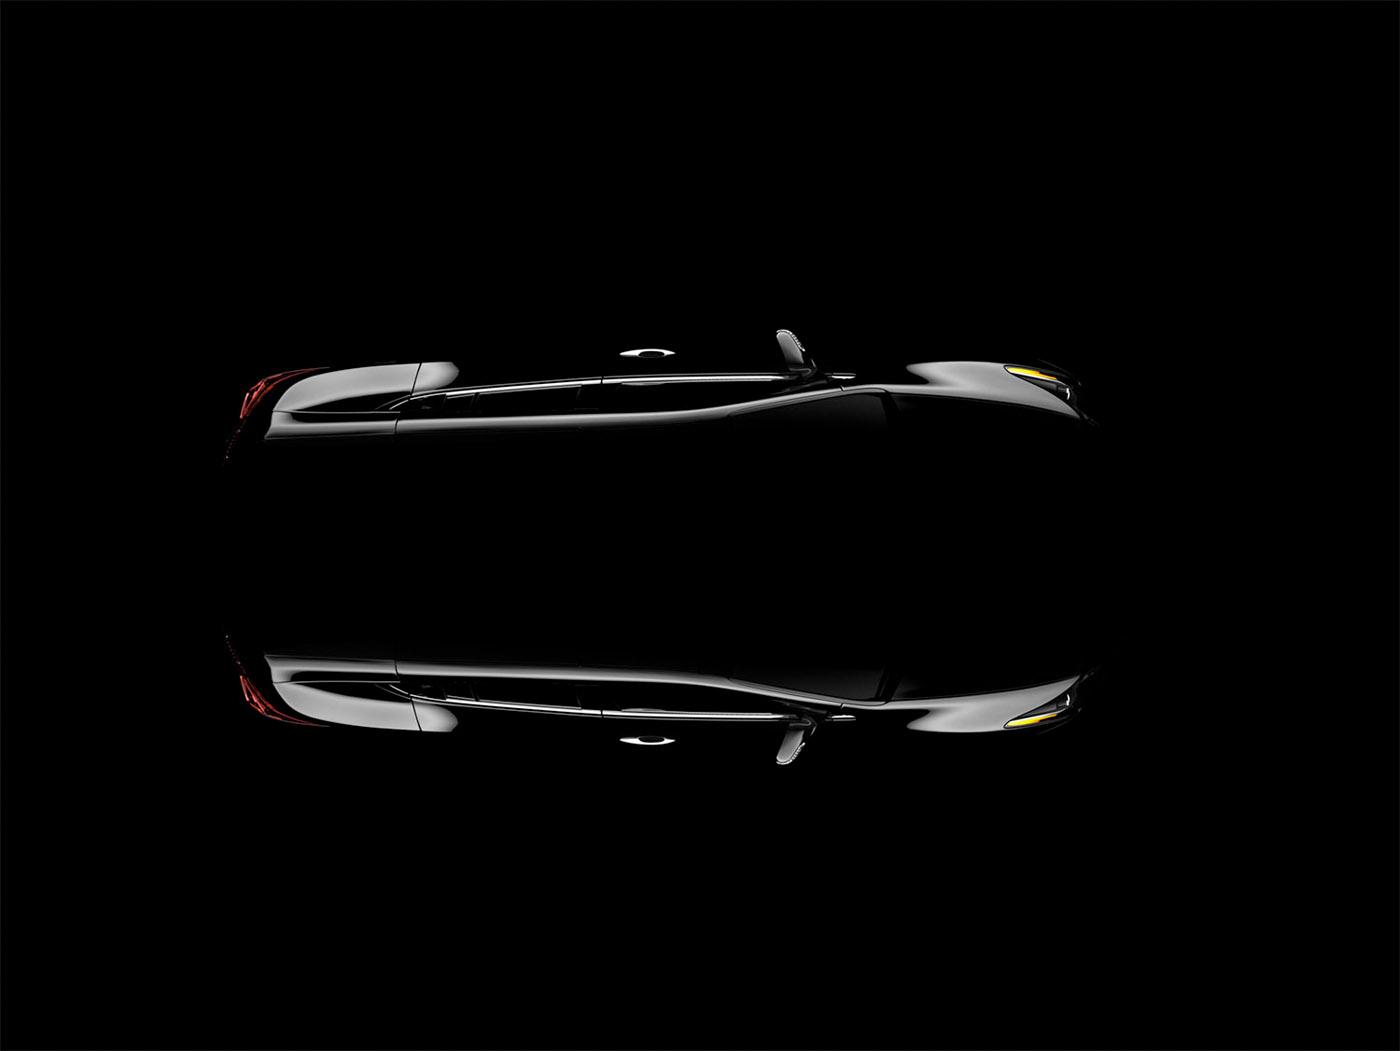 Новый Acura ZDX дебютирует на выставке New York International Auto Show - фотография №1